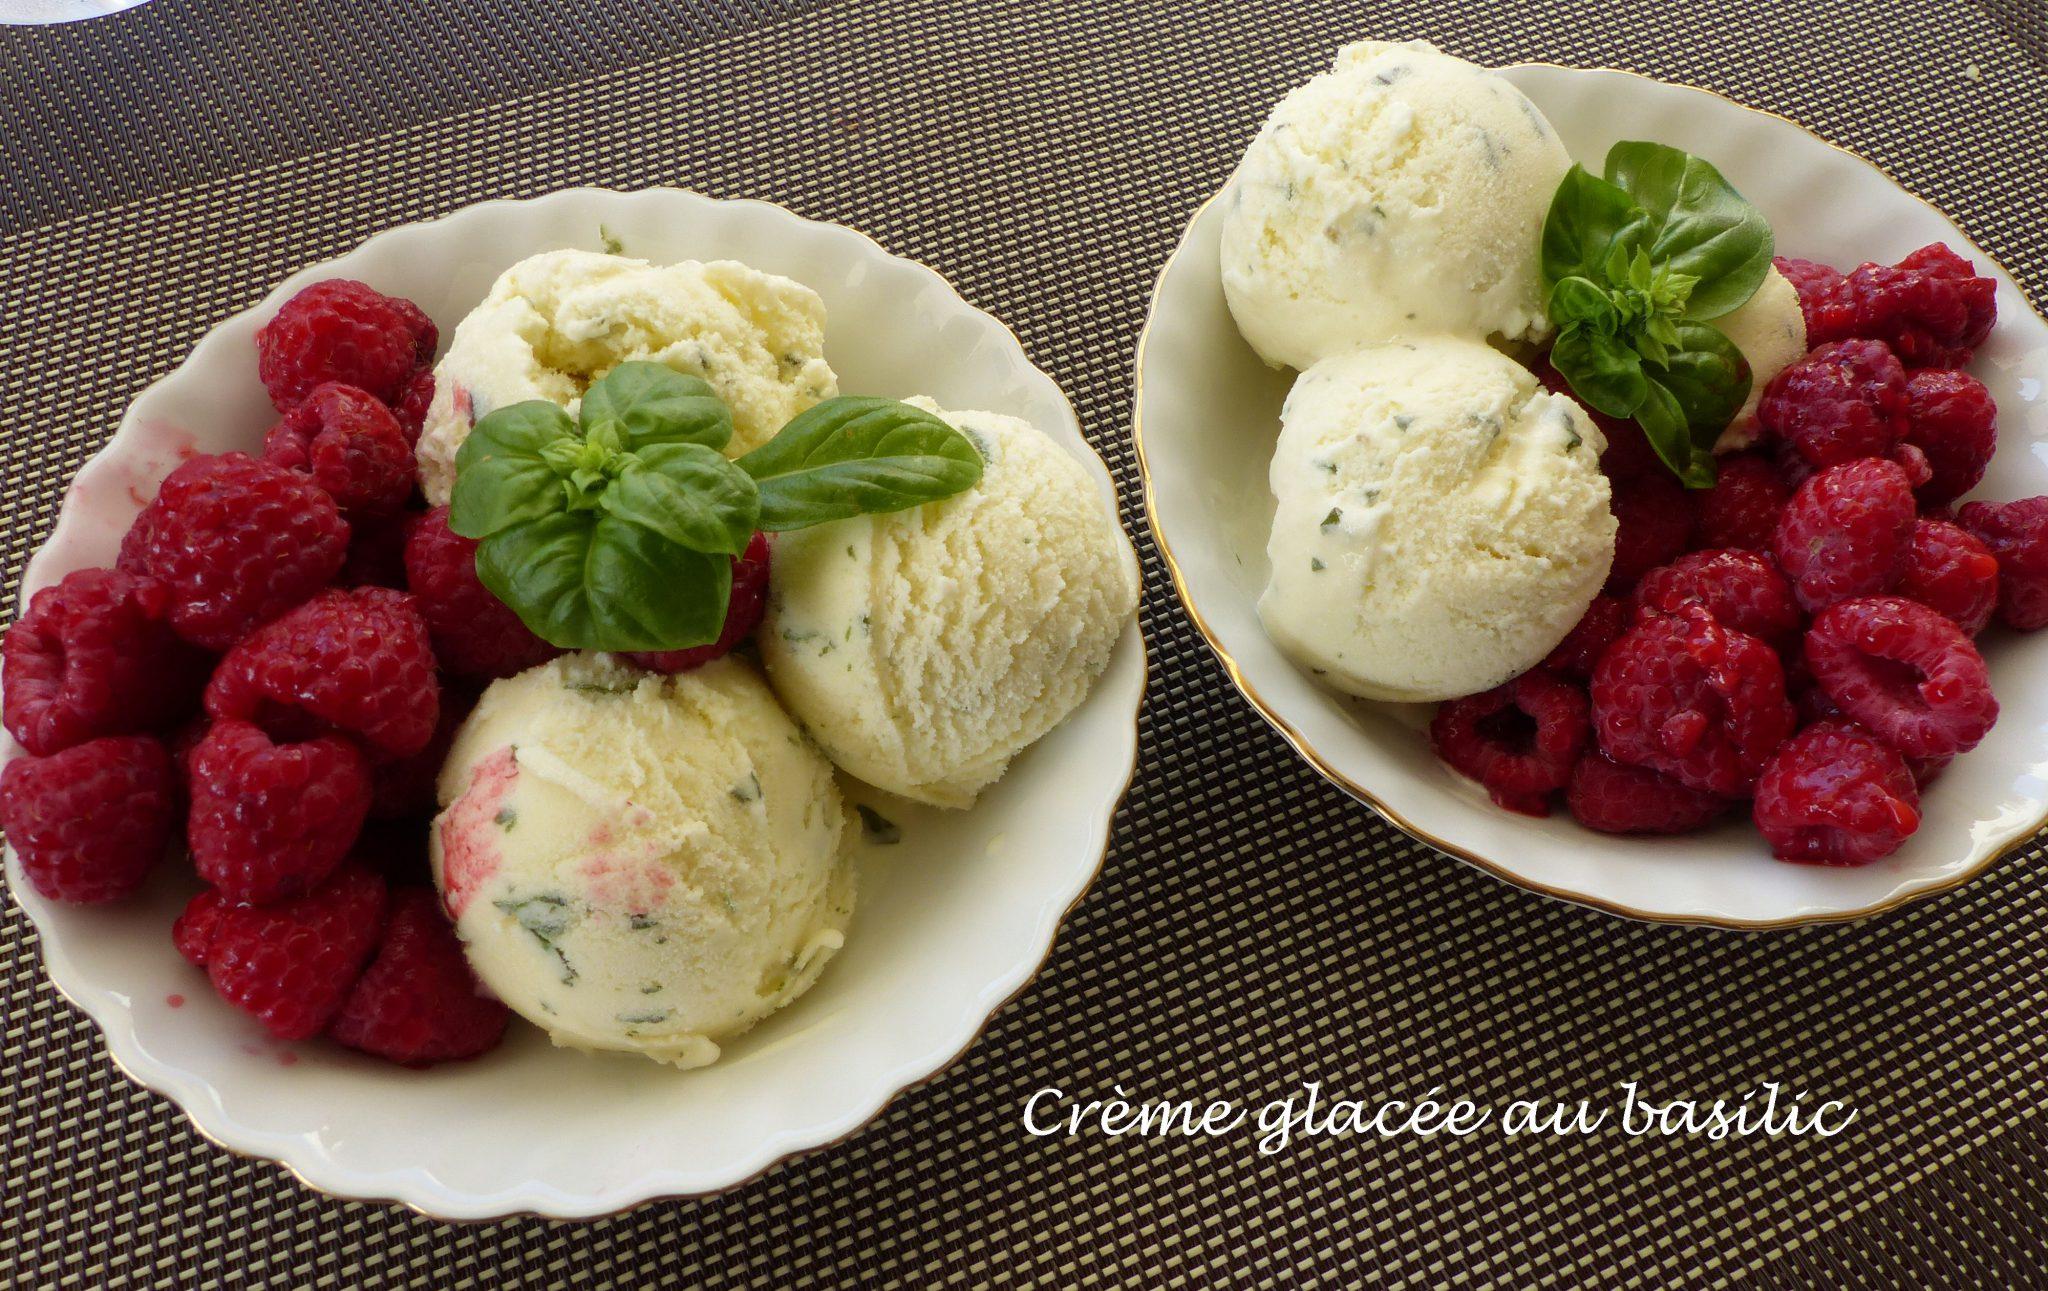 Crème glacée au basilic P1120913 R